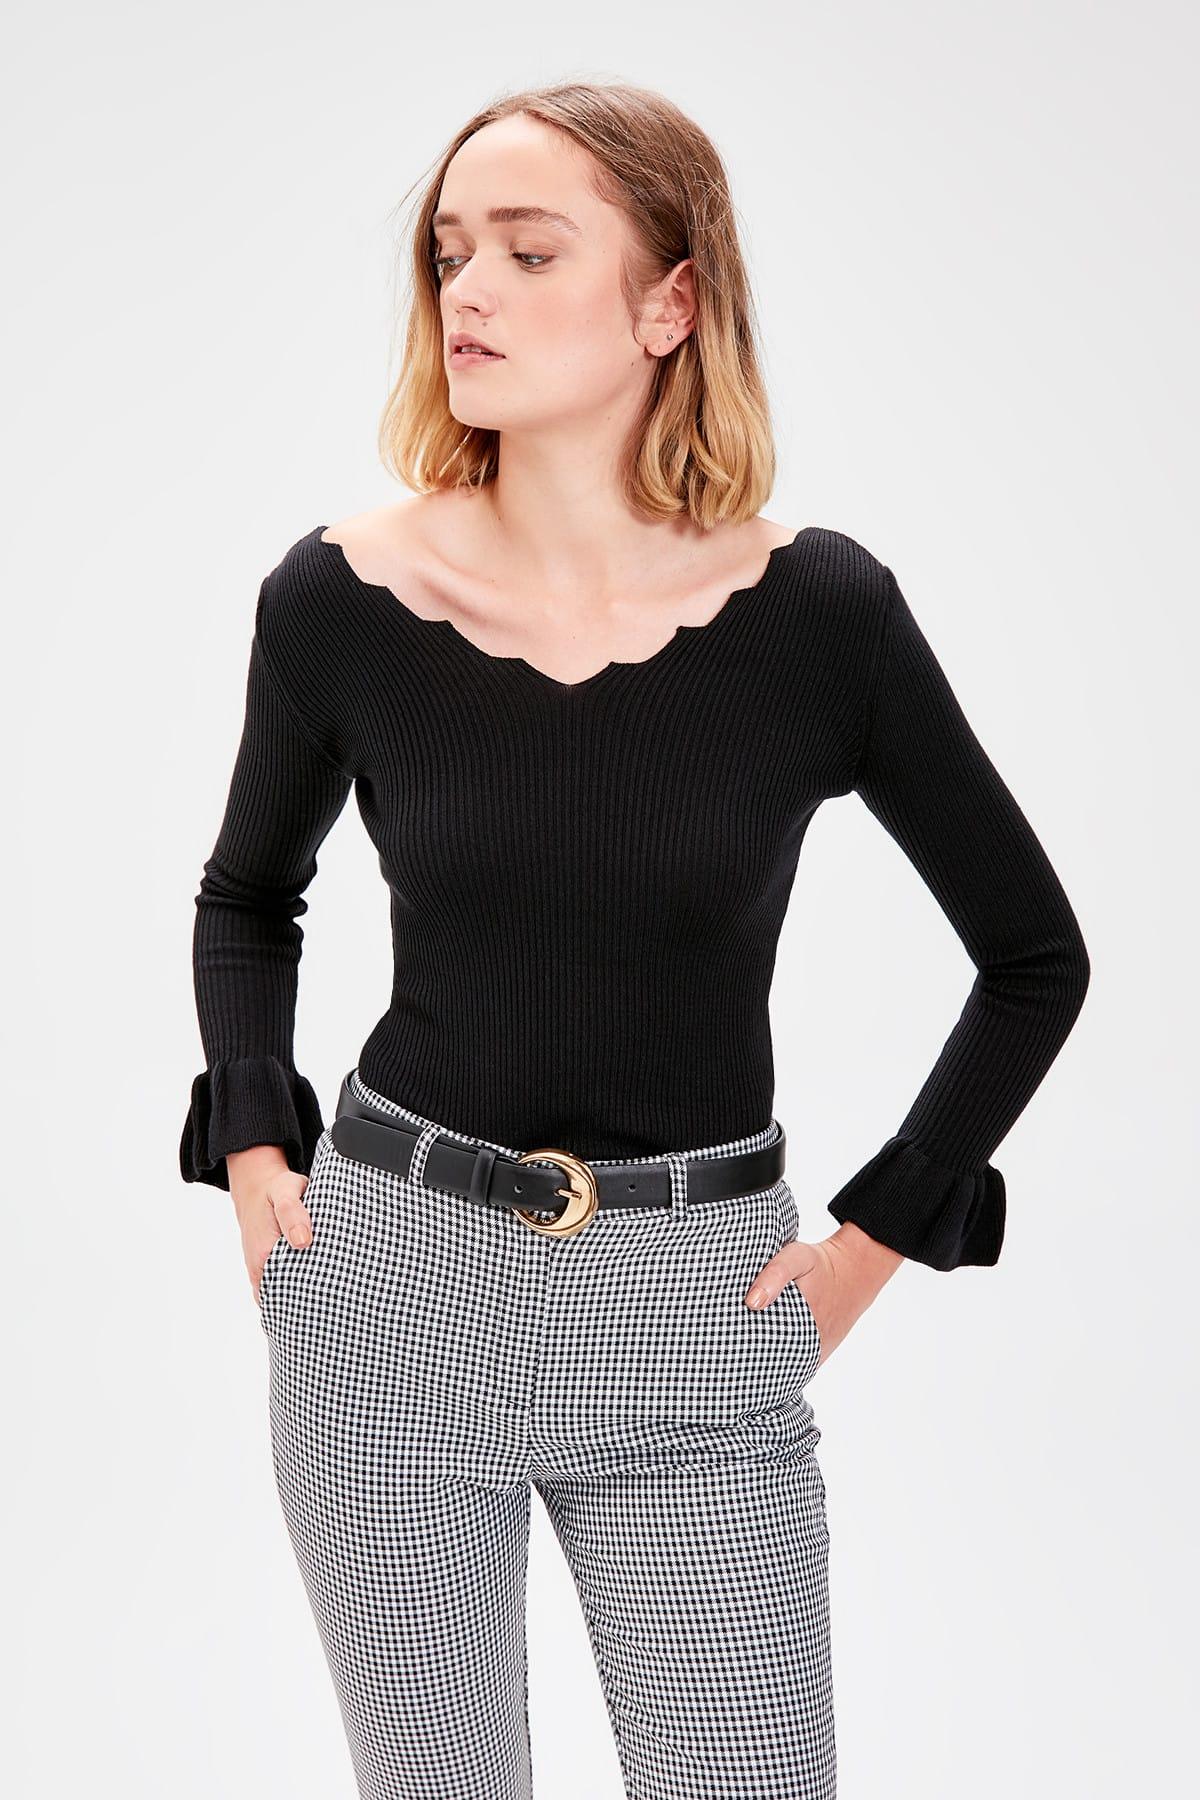 Trendyol Black Handles Flounces Knitwear Sweater TWOAW20YN0010